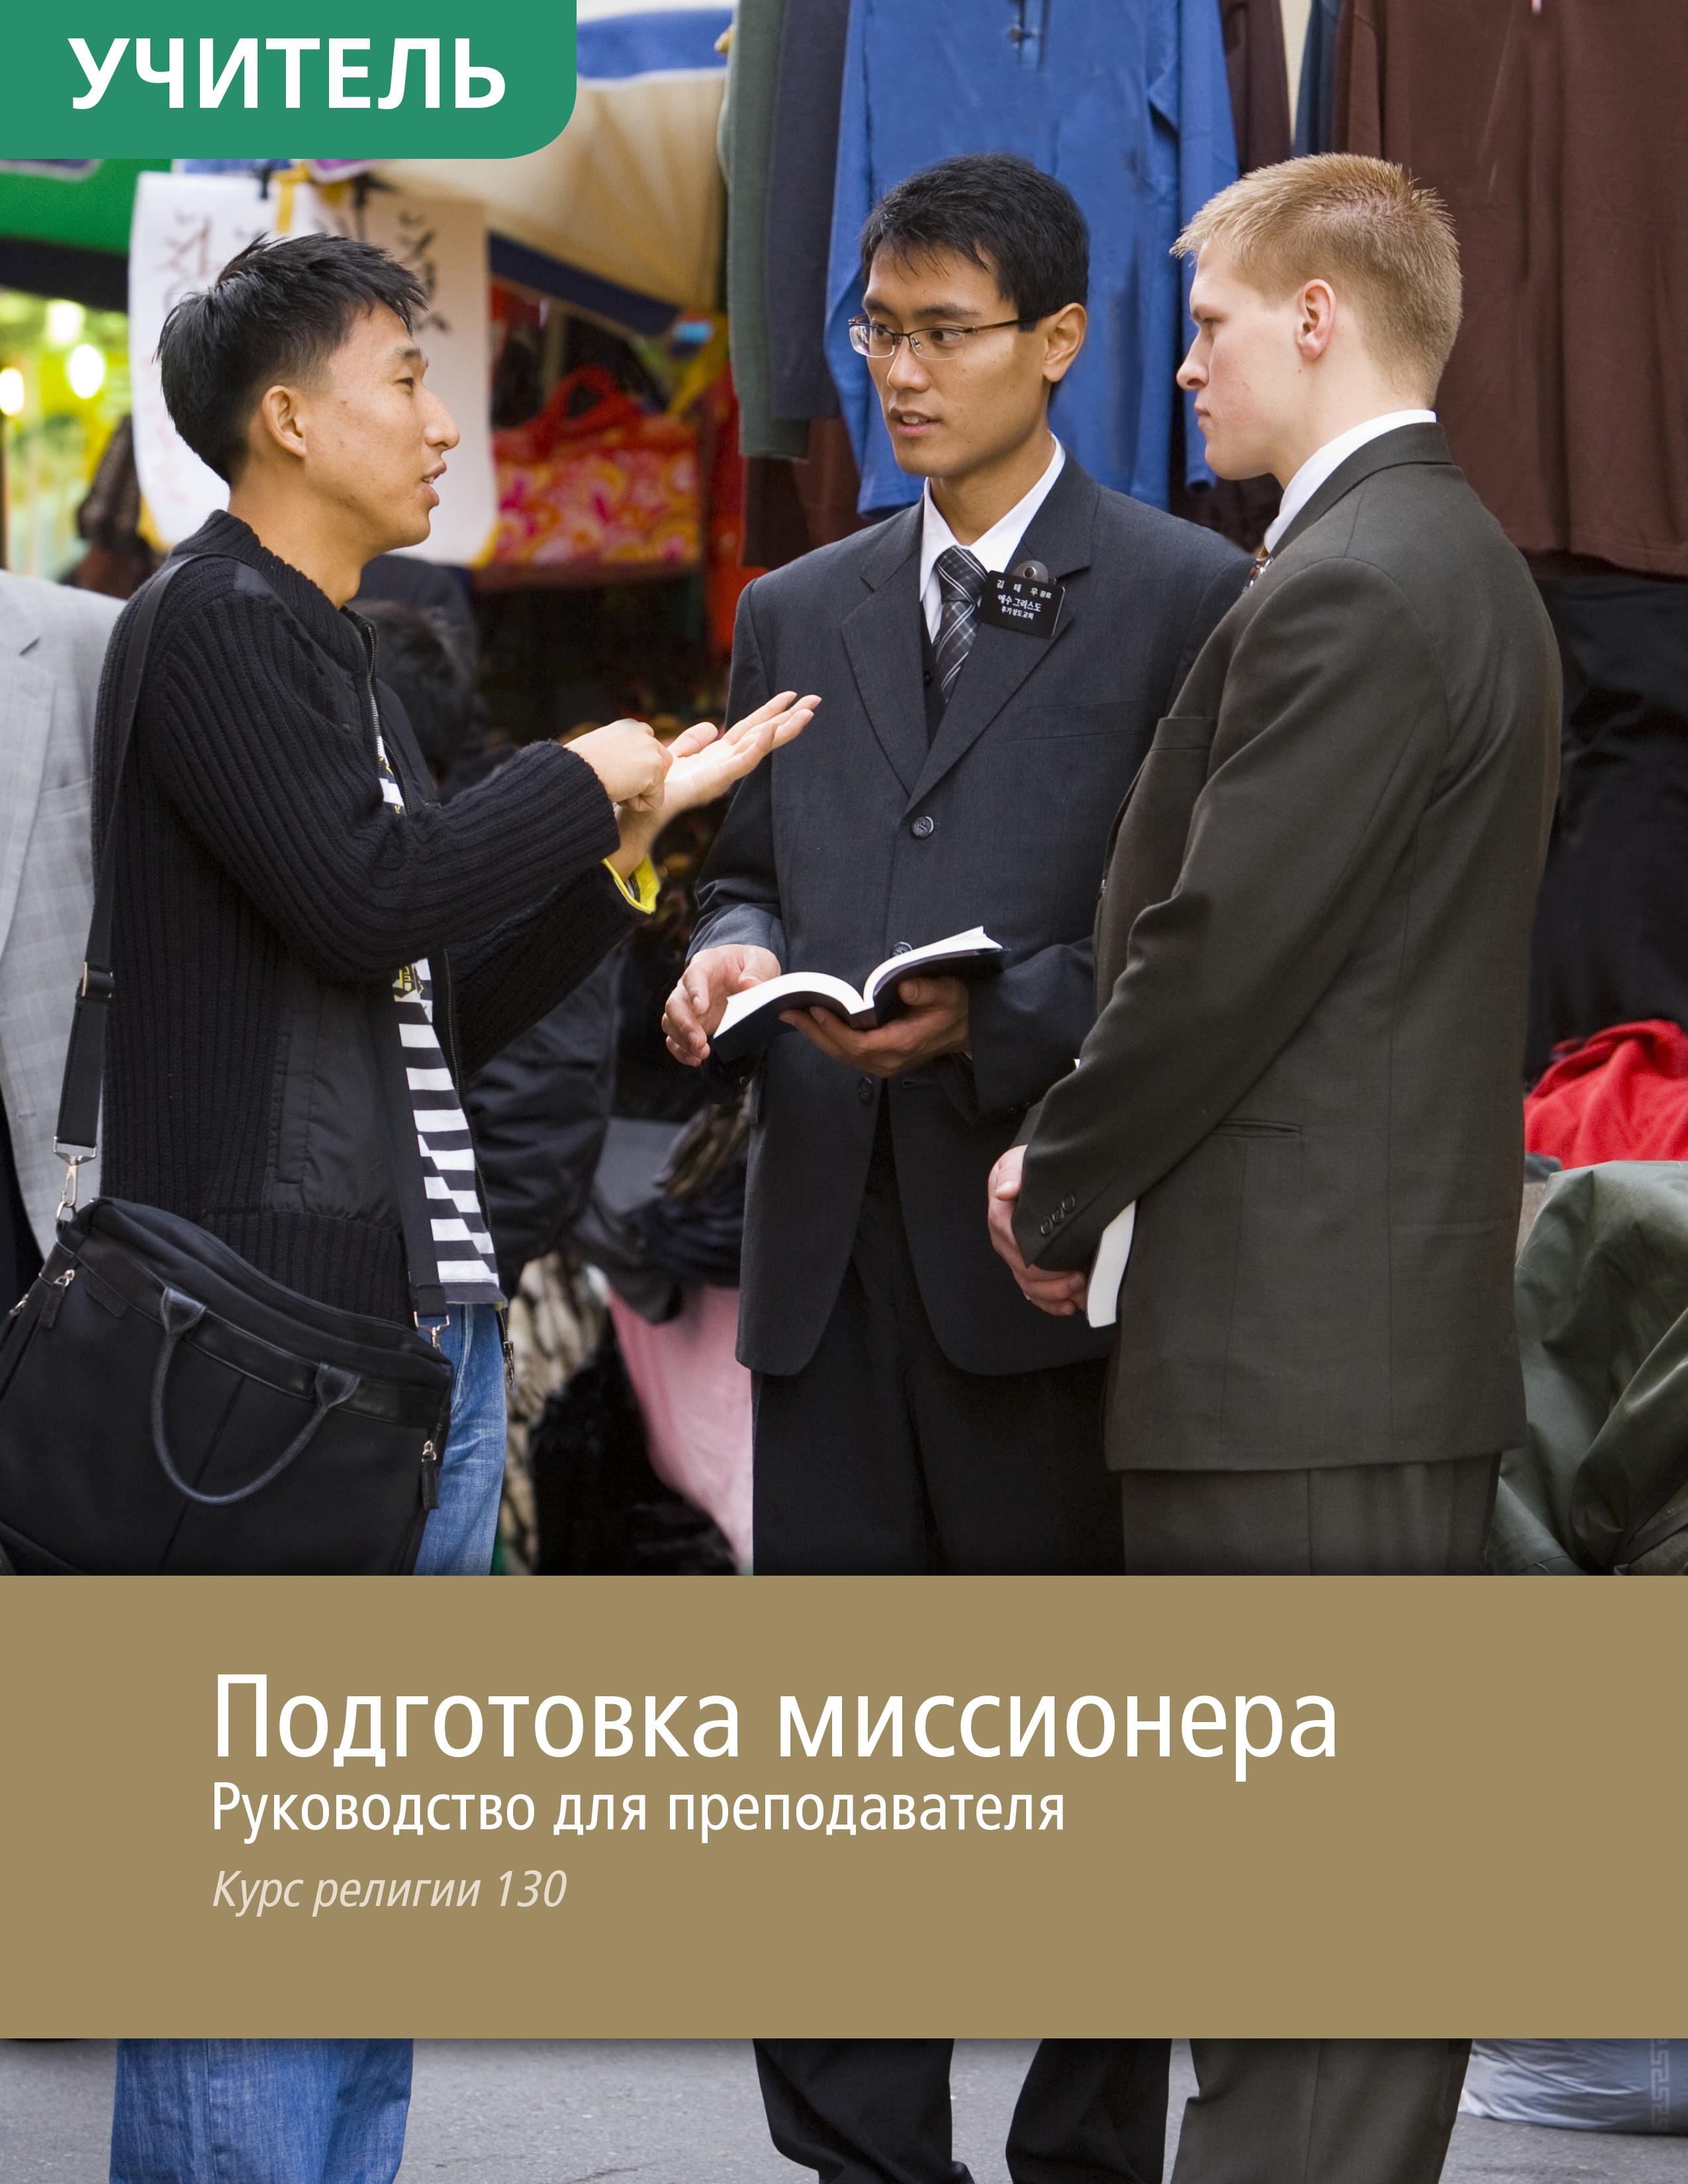 Подготовка миссионеров. Пособие для учителя (КР 130)